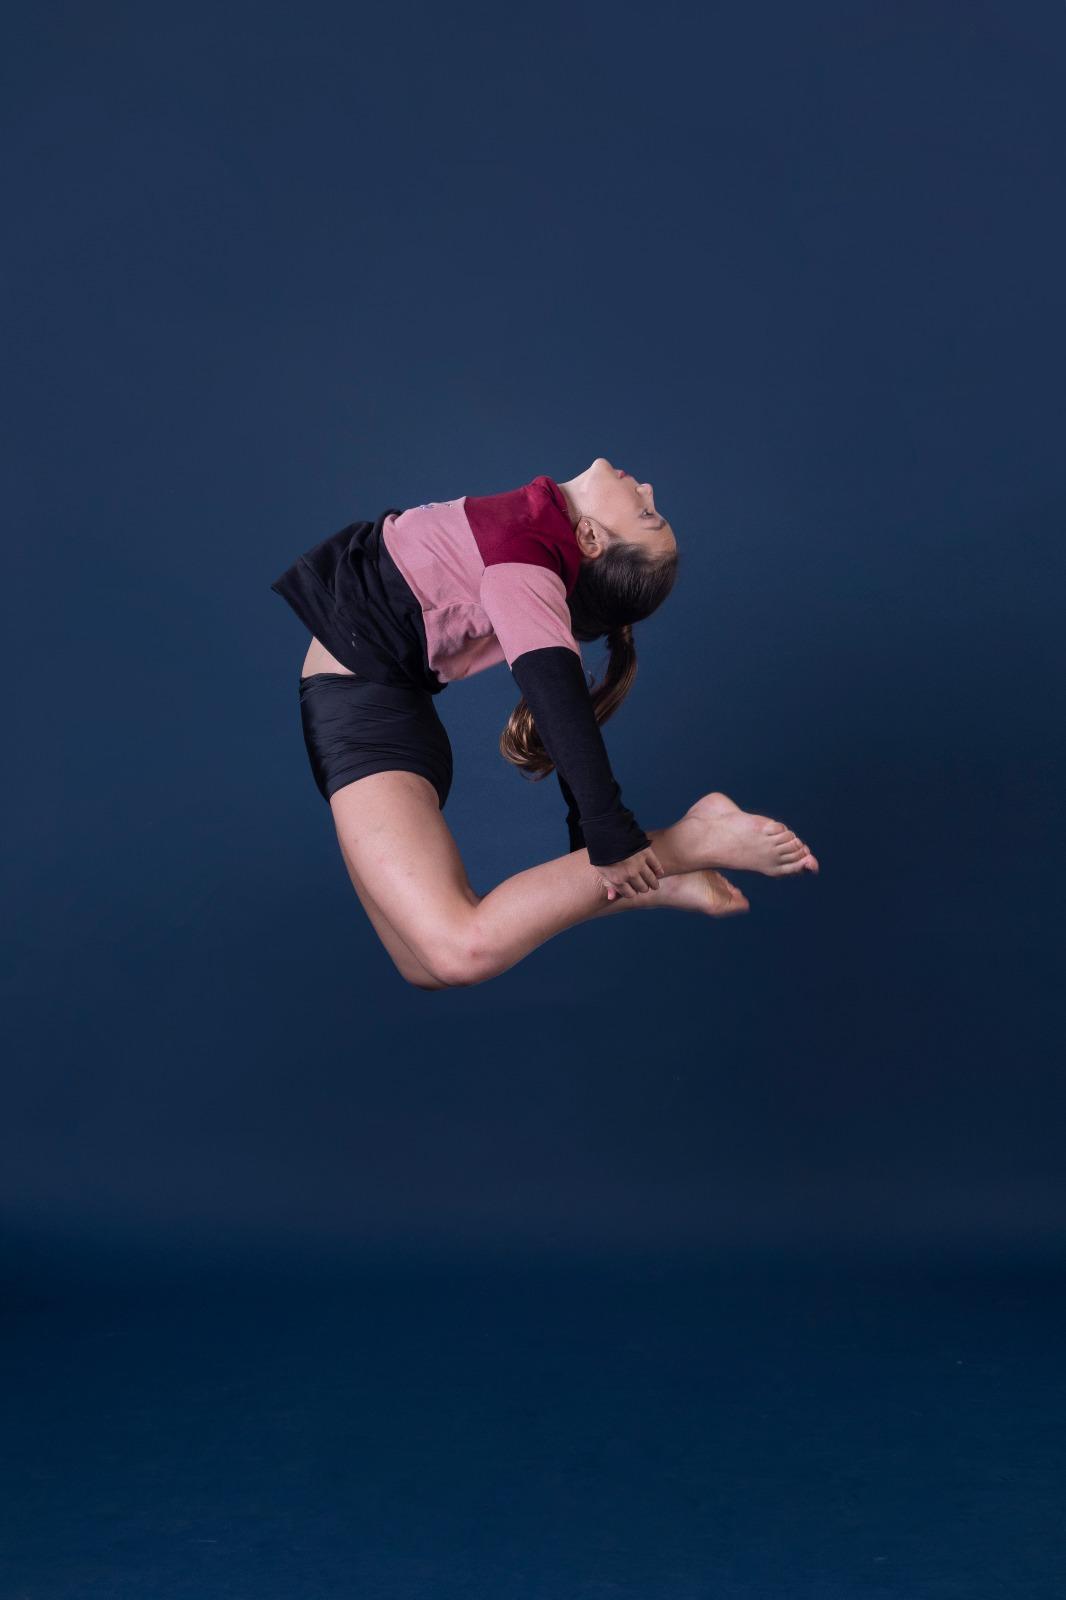 dancer on air